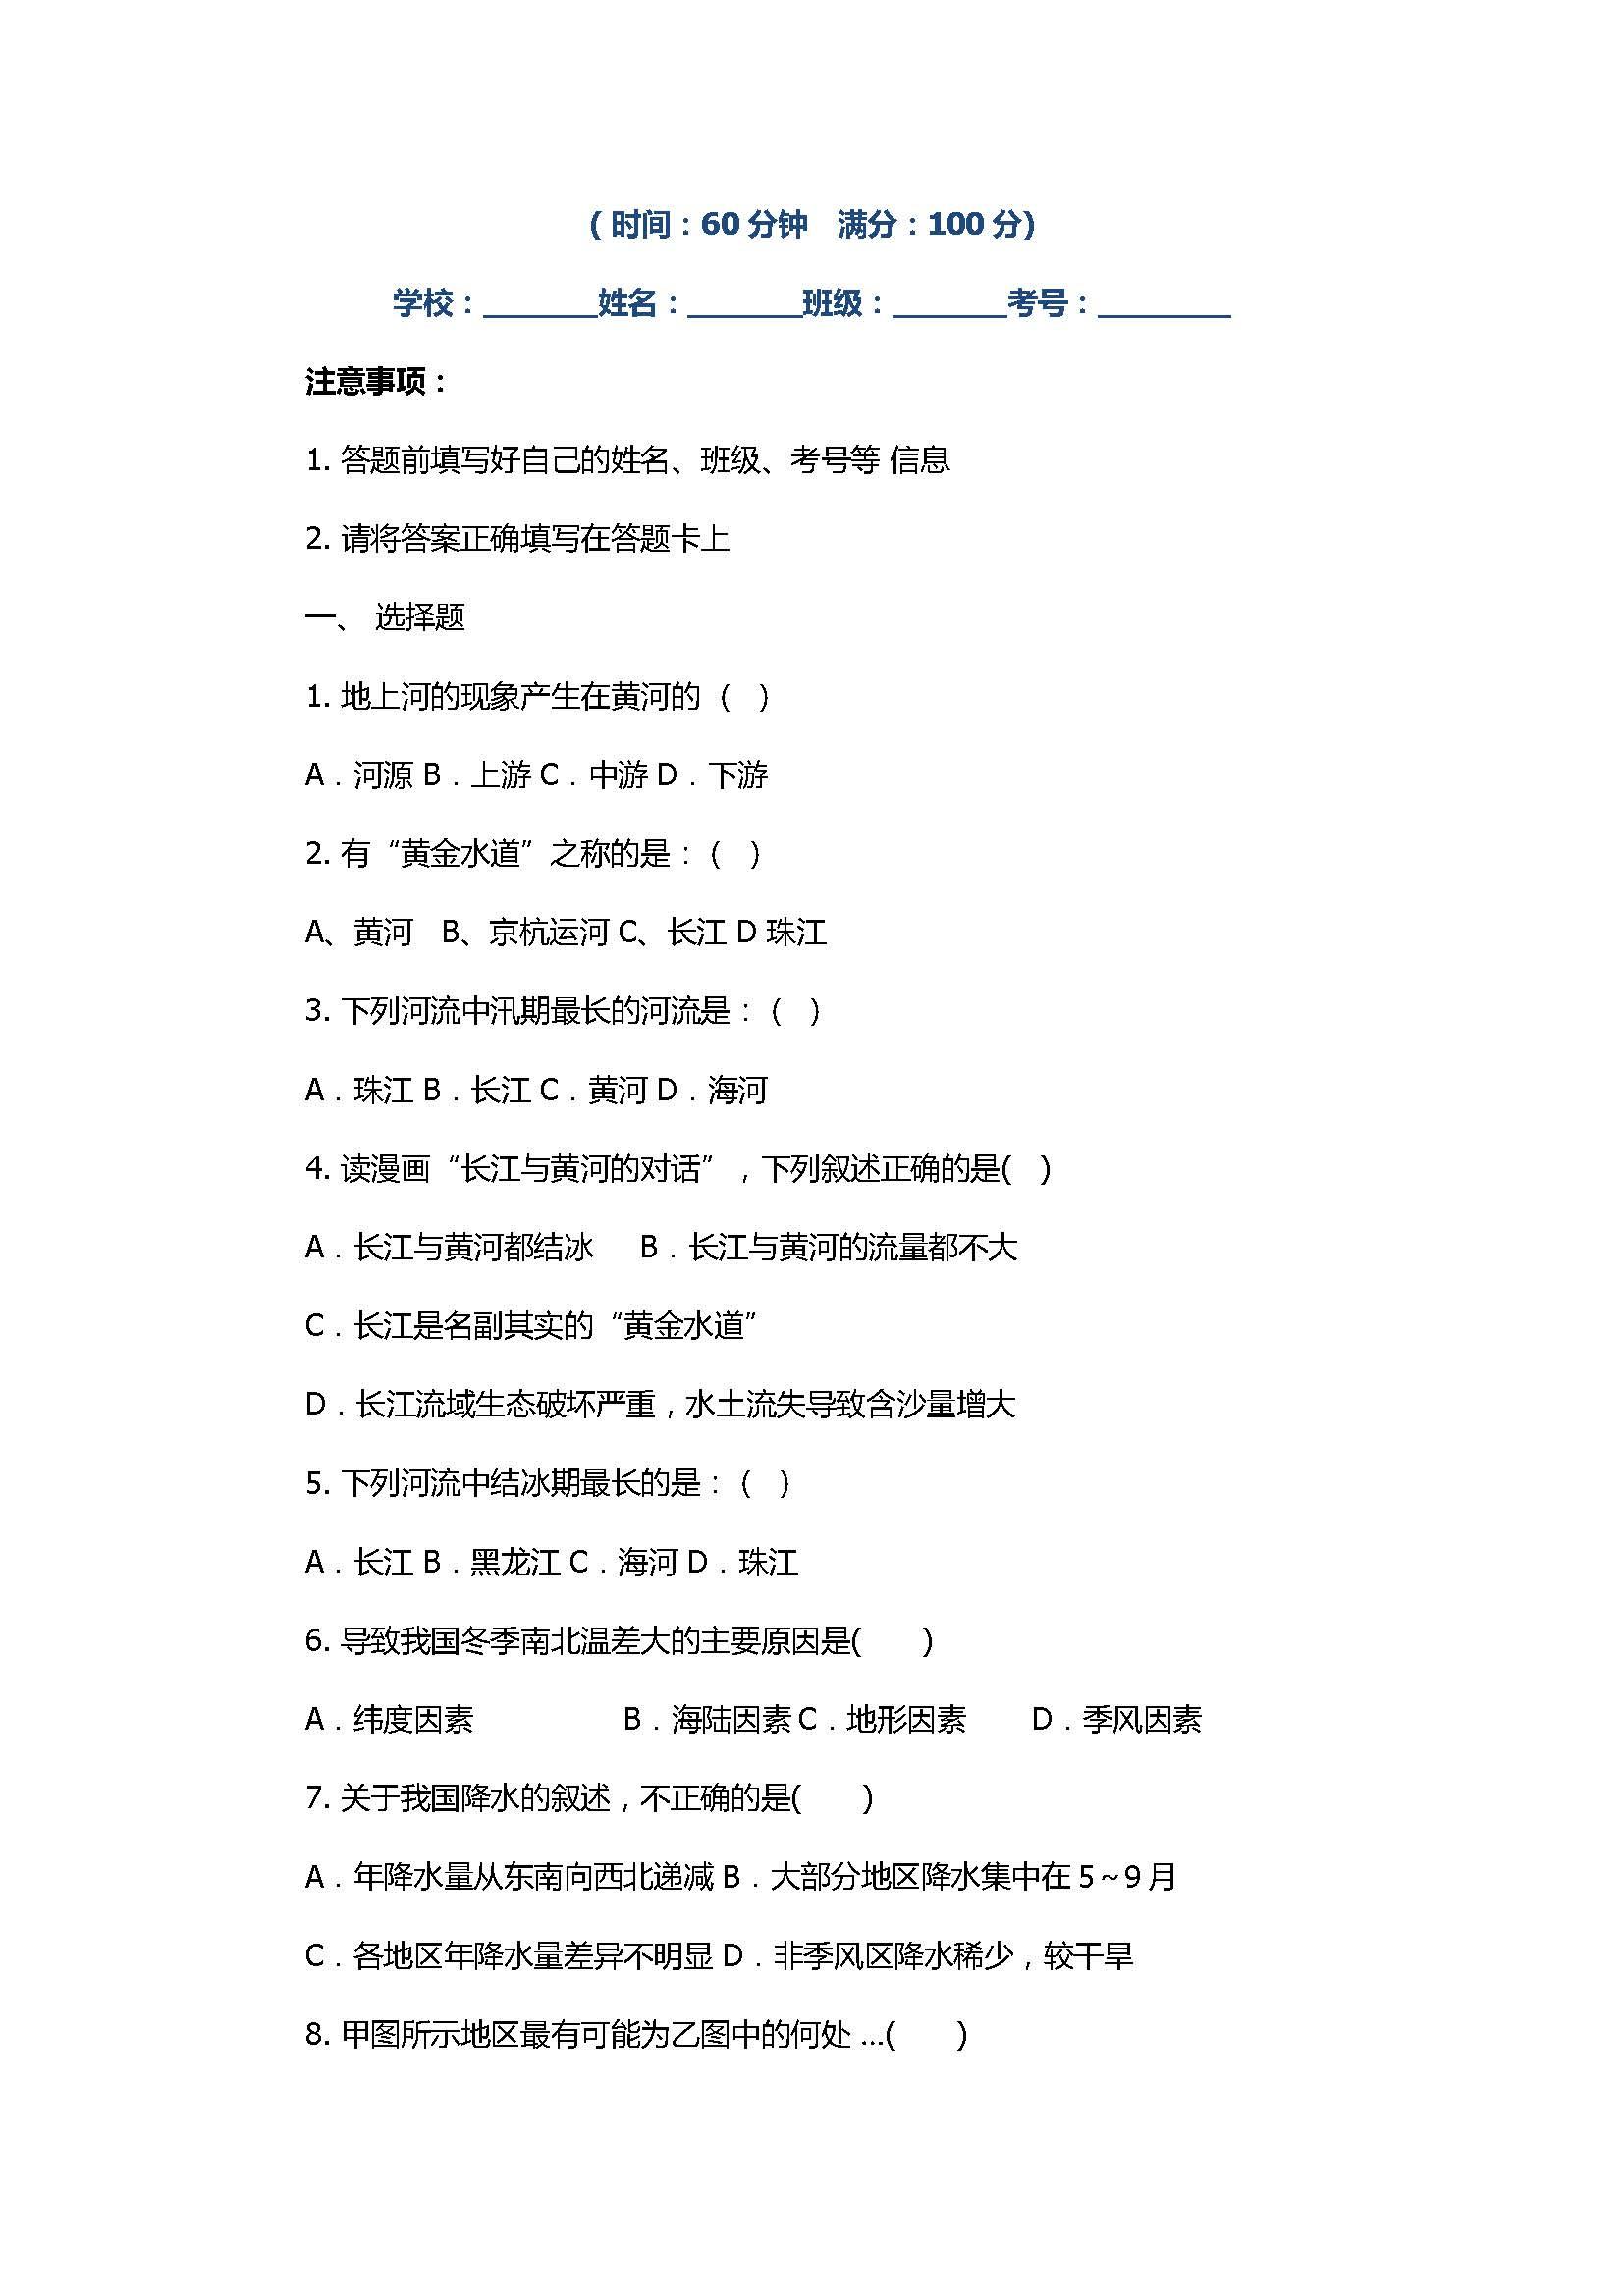 2017八年级地理上册月考试题带参考答案(广西钦州市高新区)